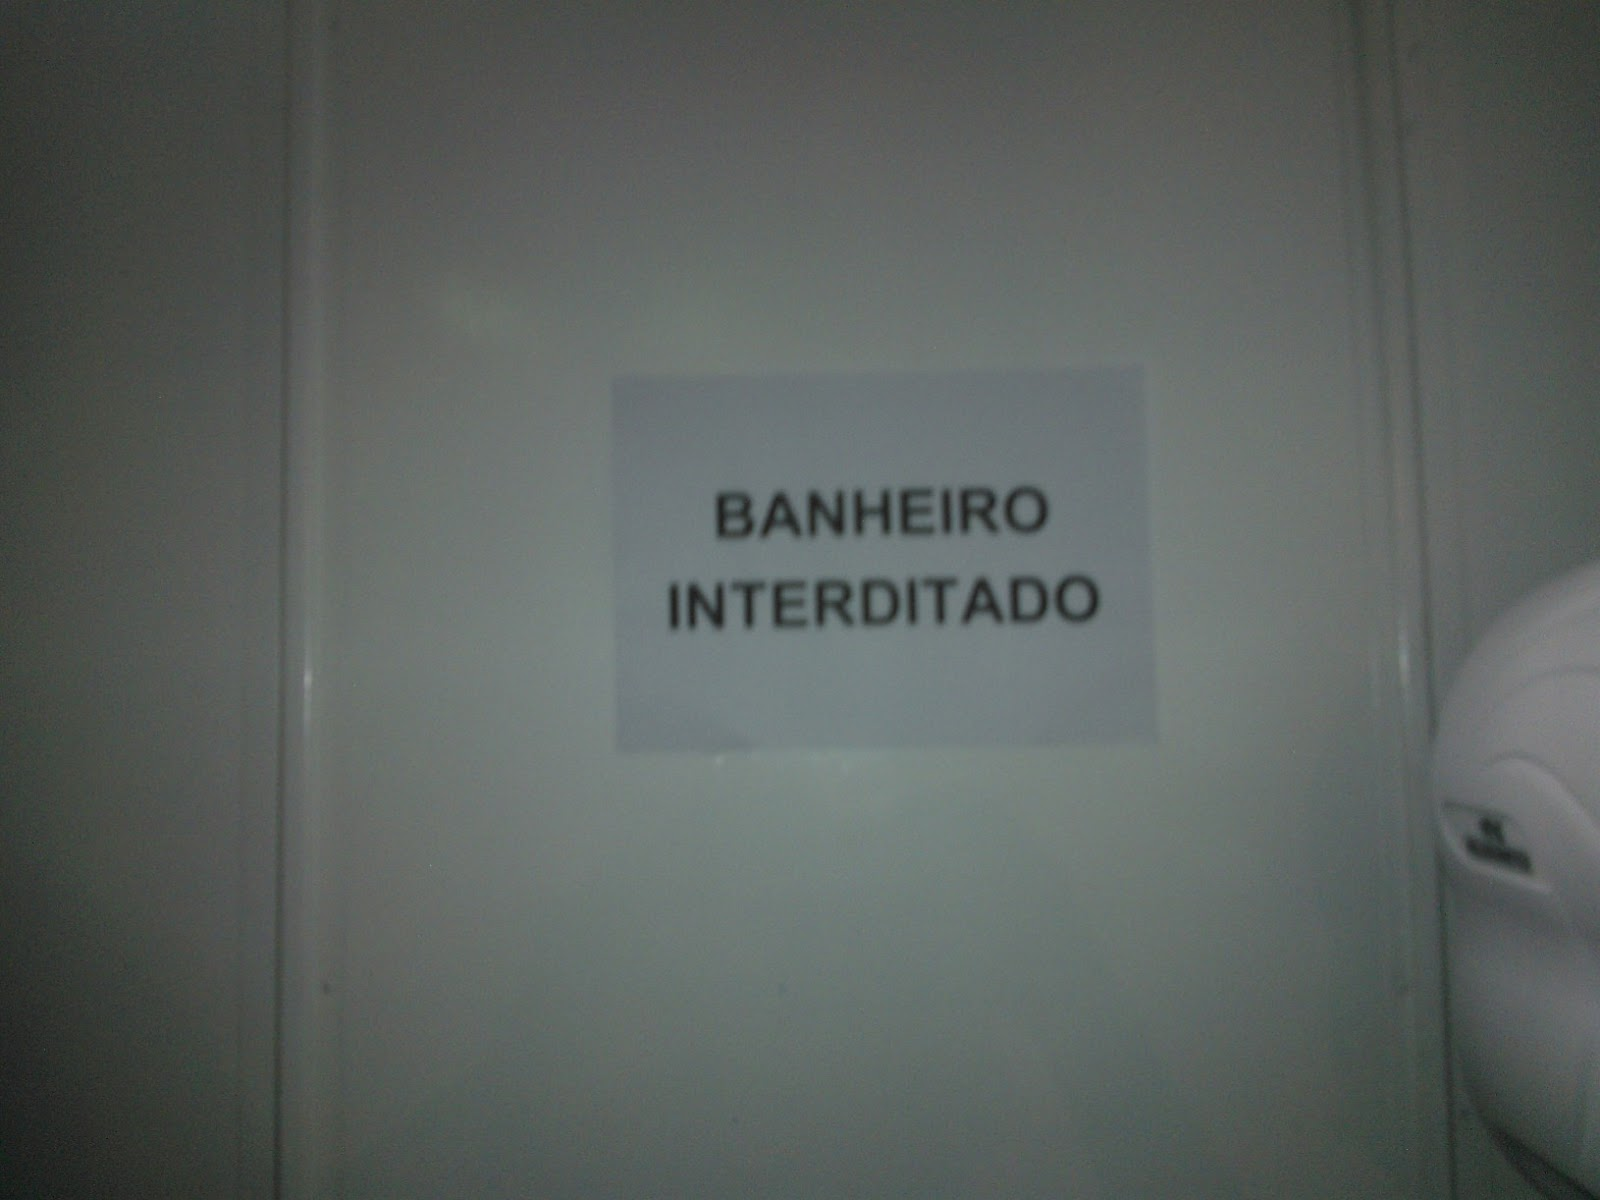 Mostra dos banheirosinterditados. A cada 15 5 estavam interditados  #525B58 1600 1200